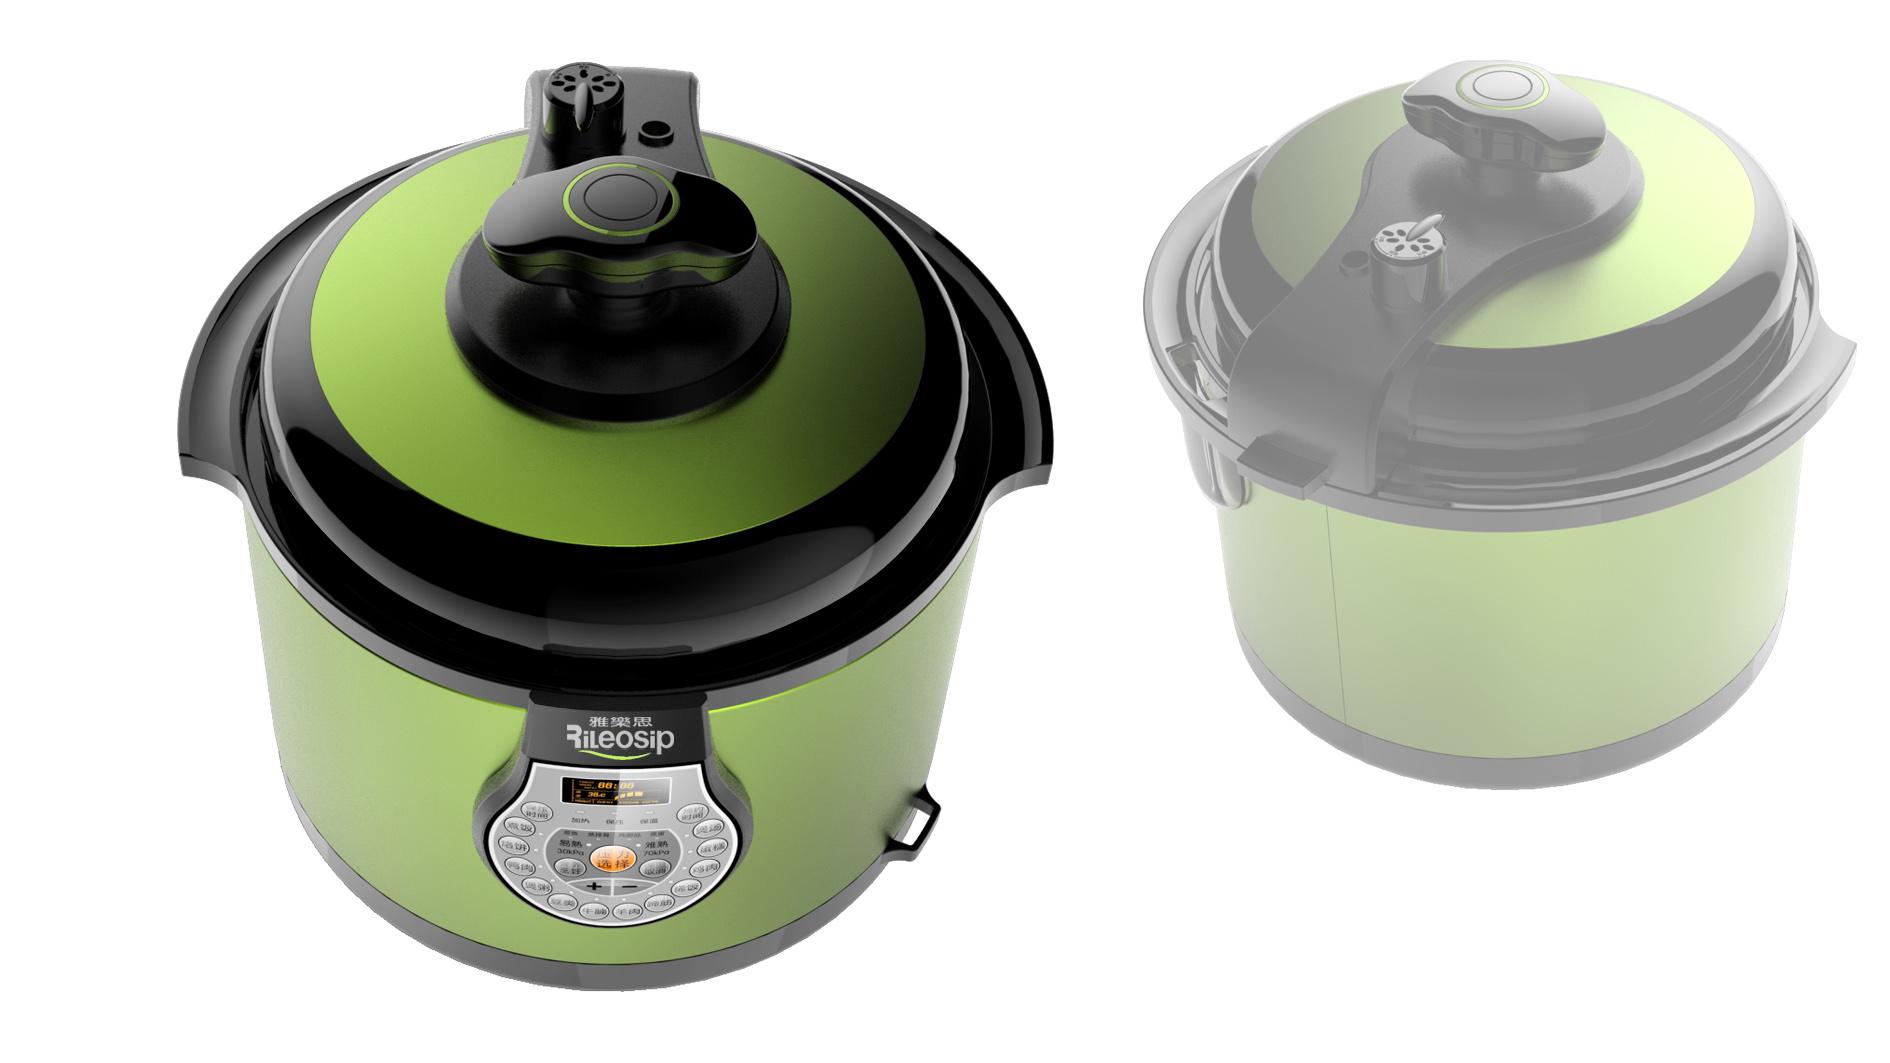 半塑传统控压力锅4_产品设计-来设计